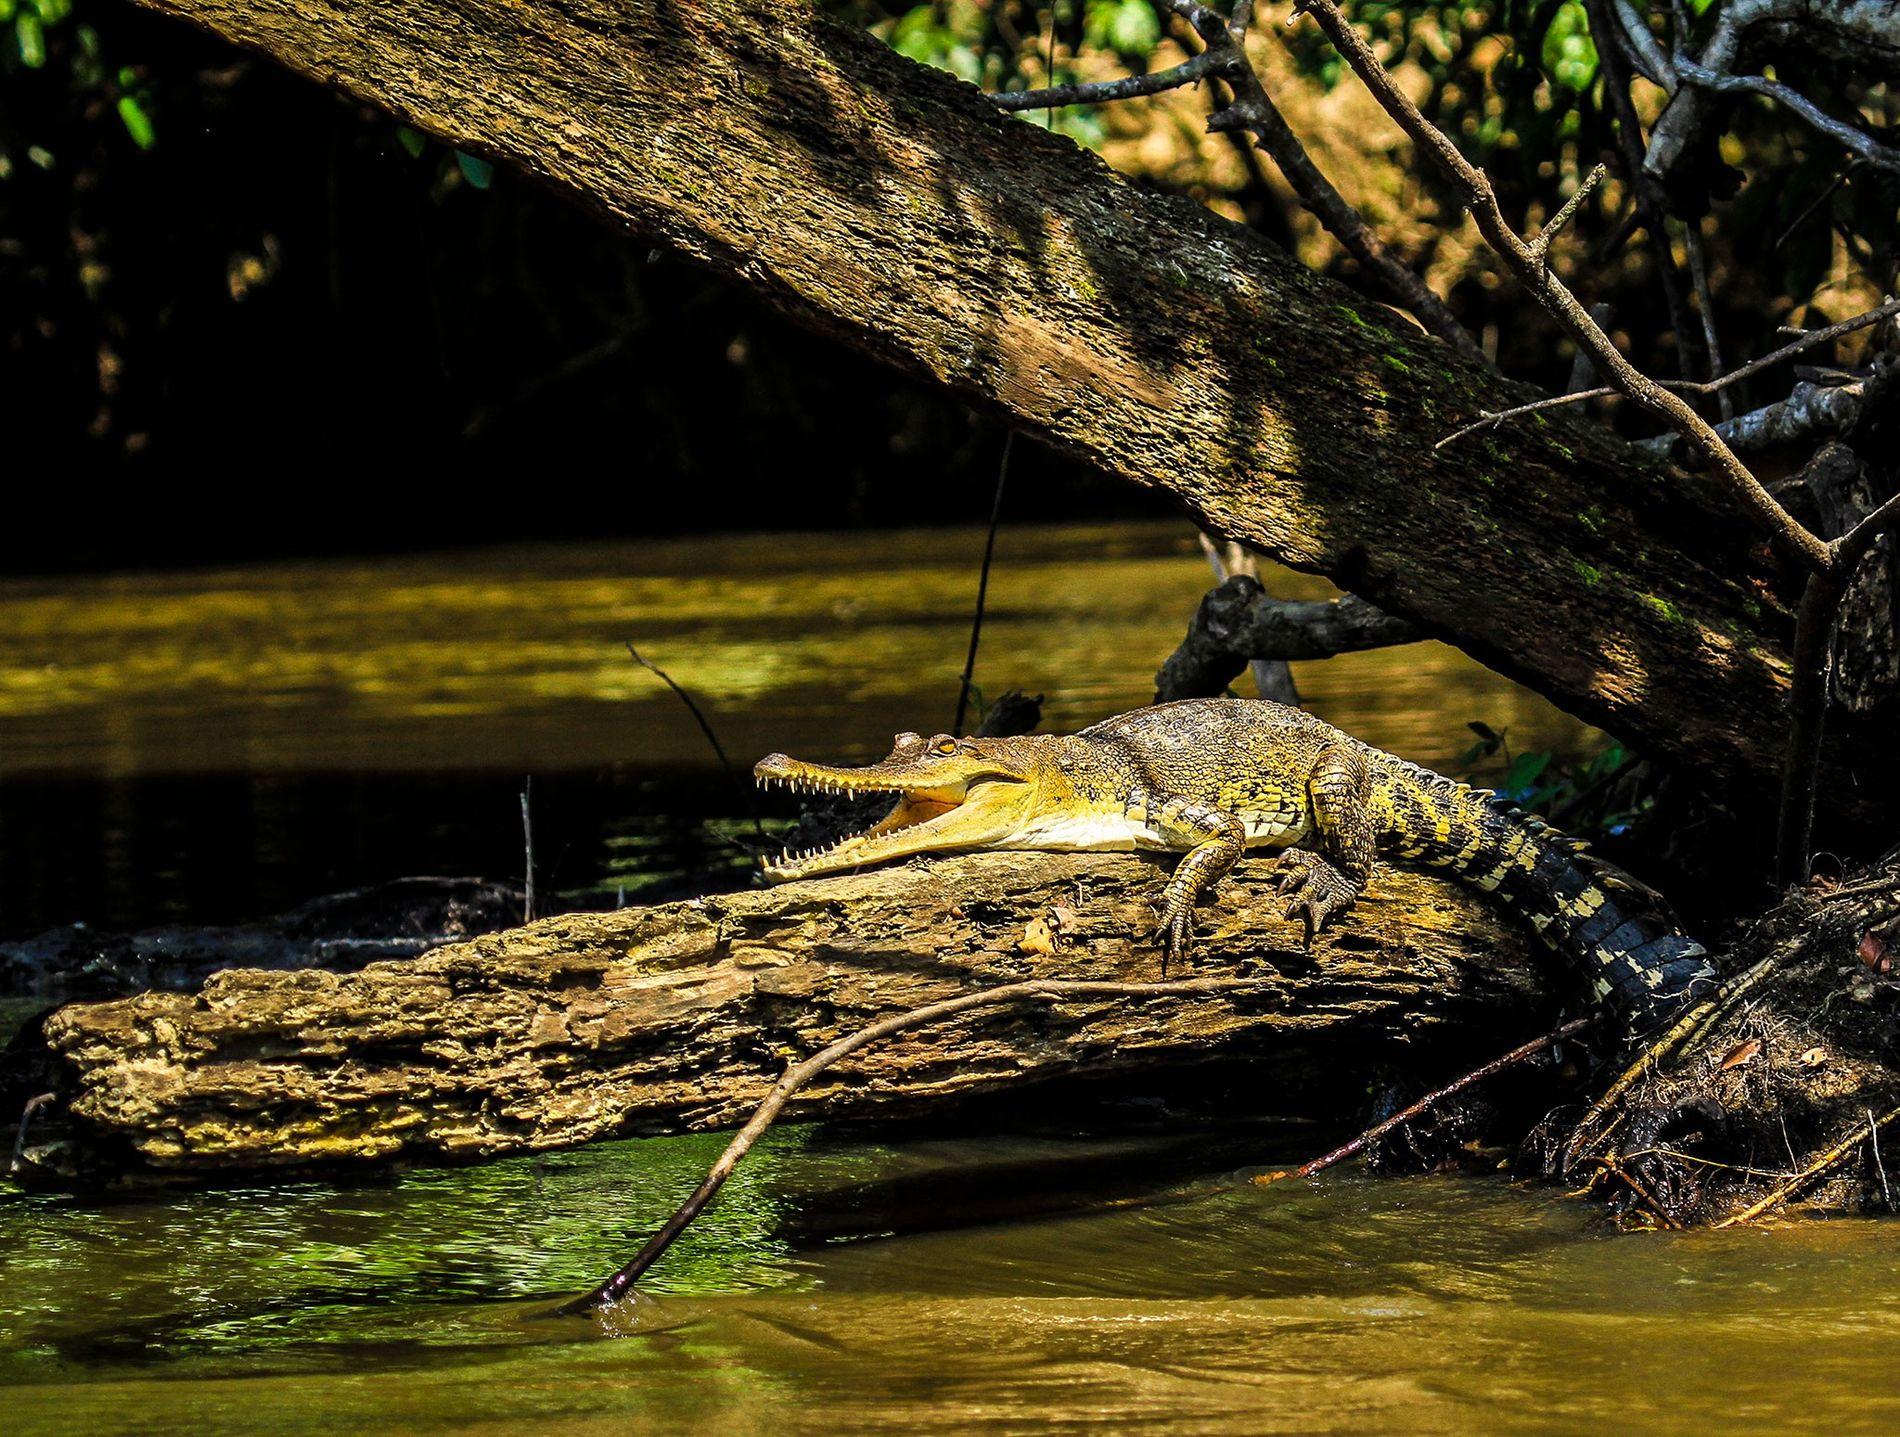 Cocodrilo hociquifino centroafricano